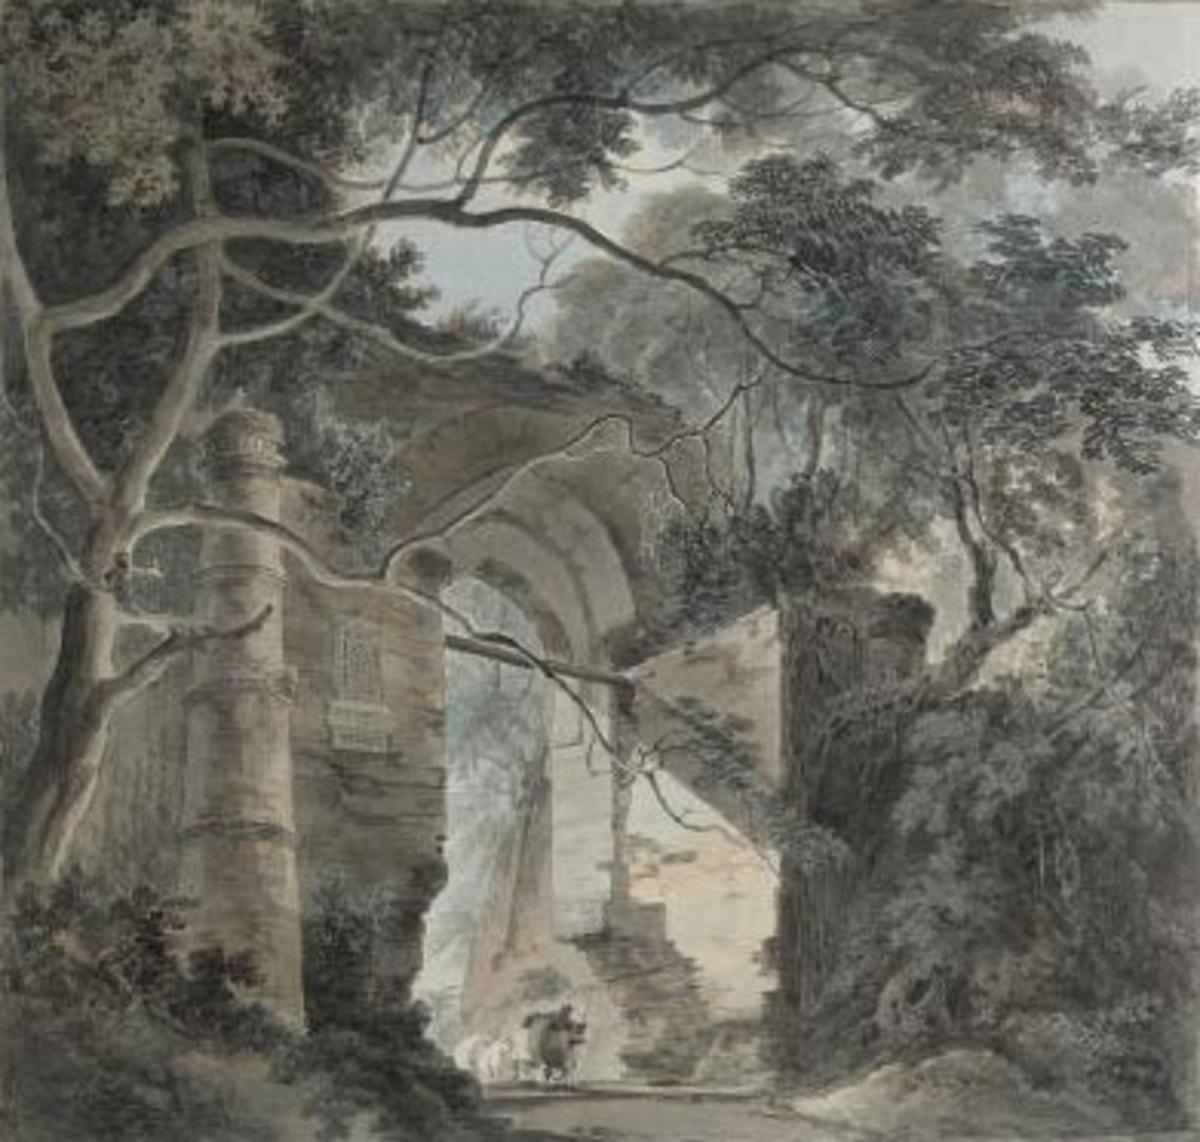 Kotwali Gate, Gaur